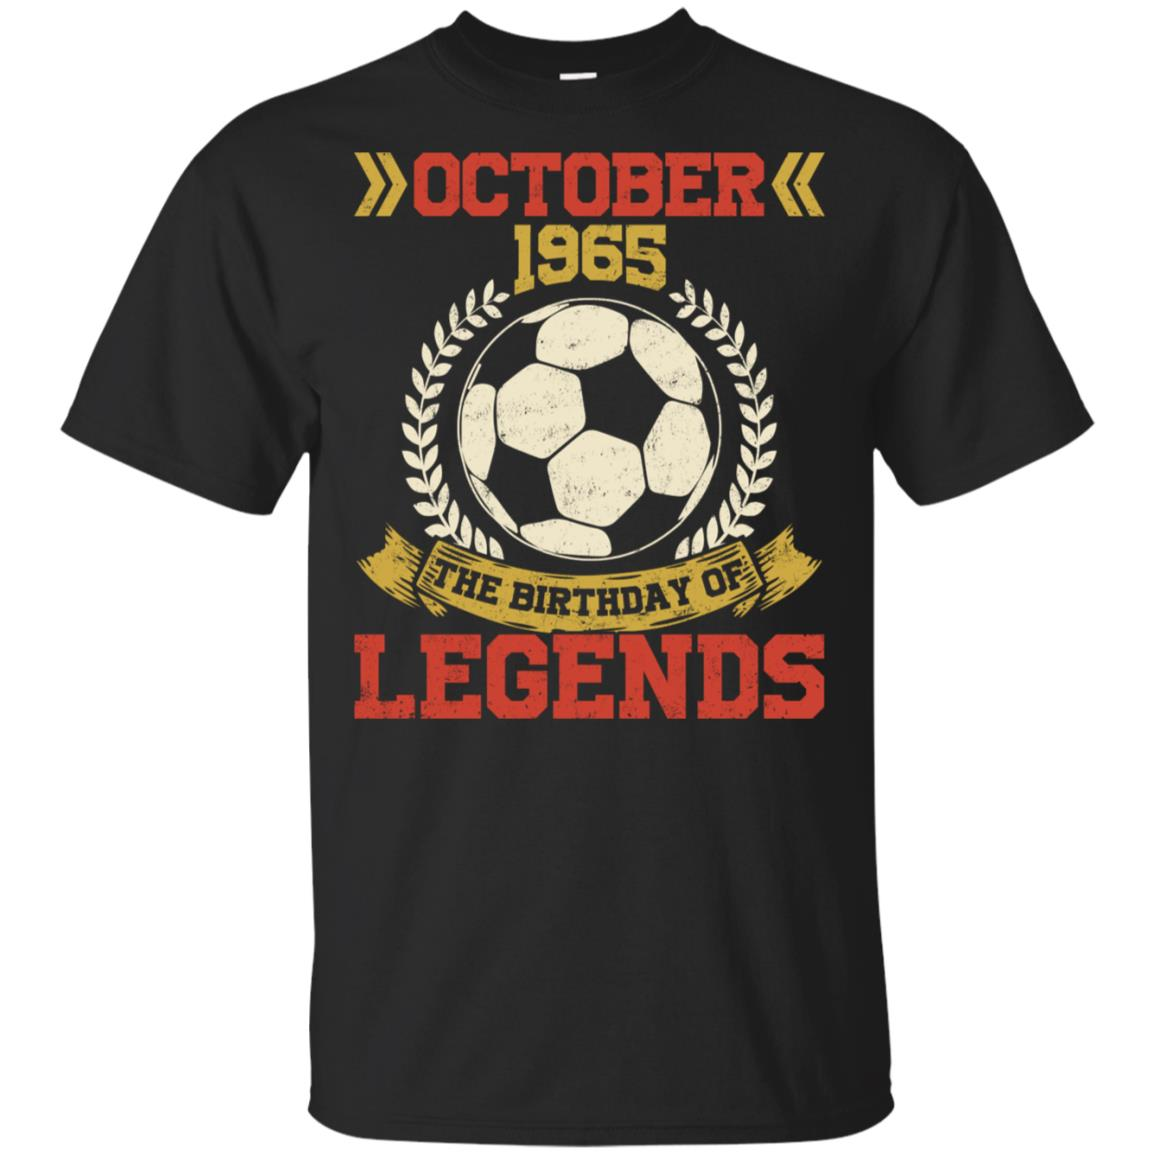 1965 October 53rd Birthday Of Football Soccer Legend Unisex Short Sleeve